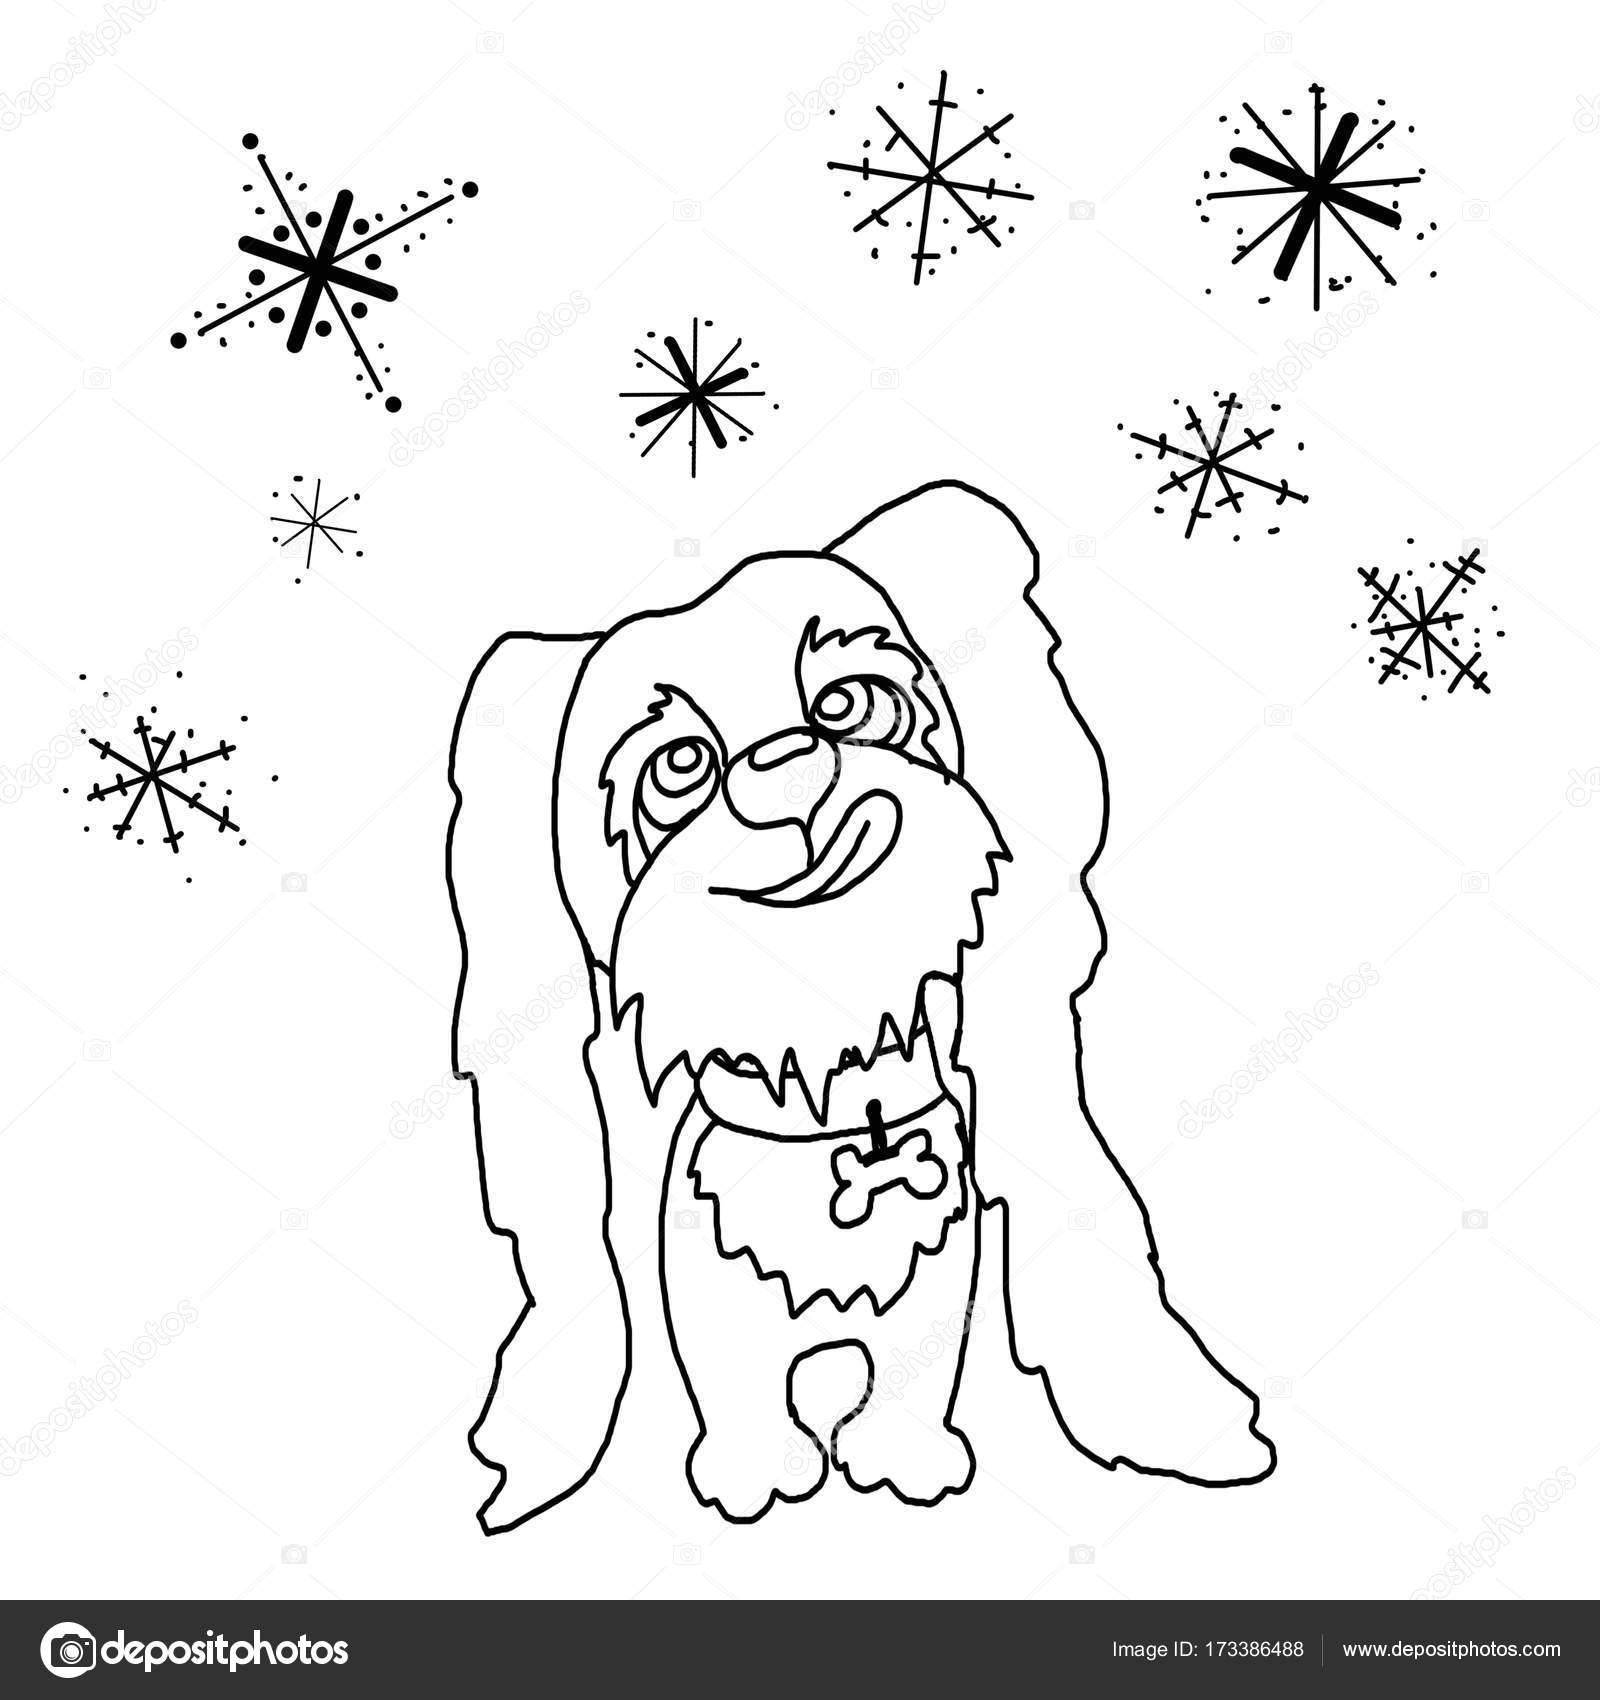 Kleurplaten Honden En Puppies.Kleurplaat Hond Pup Sneeuwvlokken Vangen Stockfoto